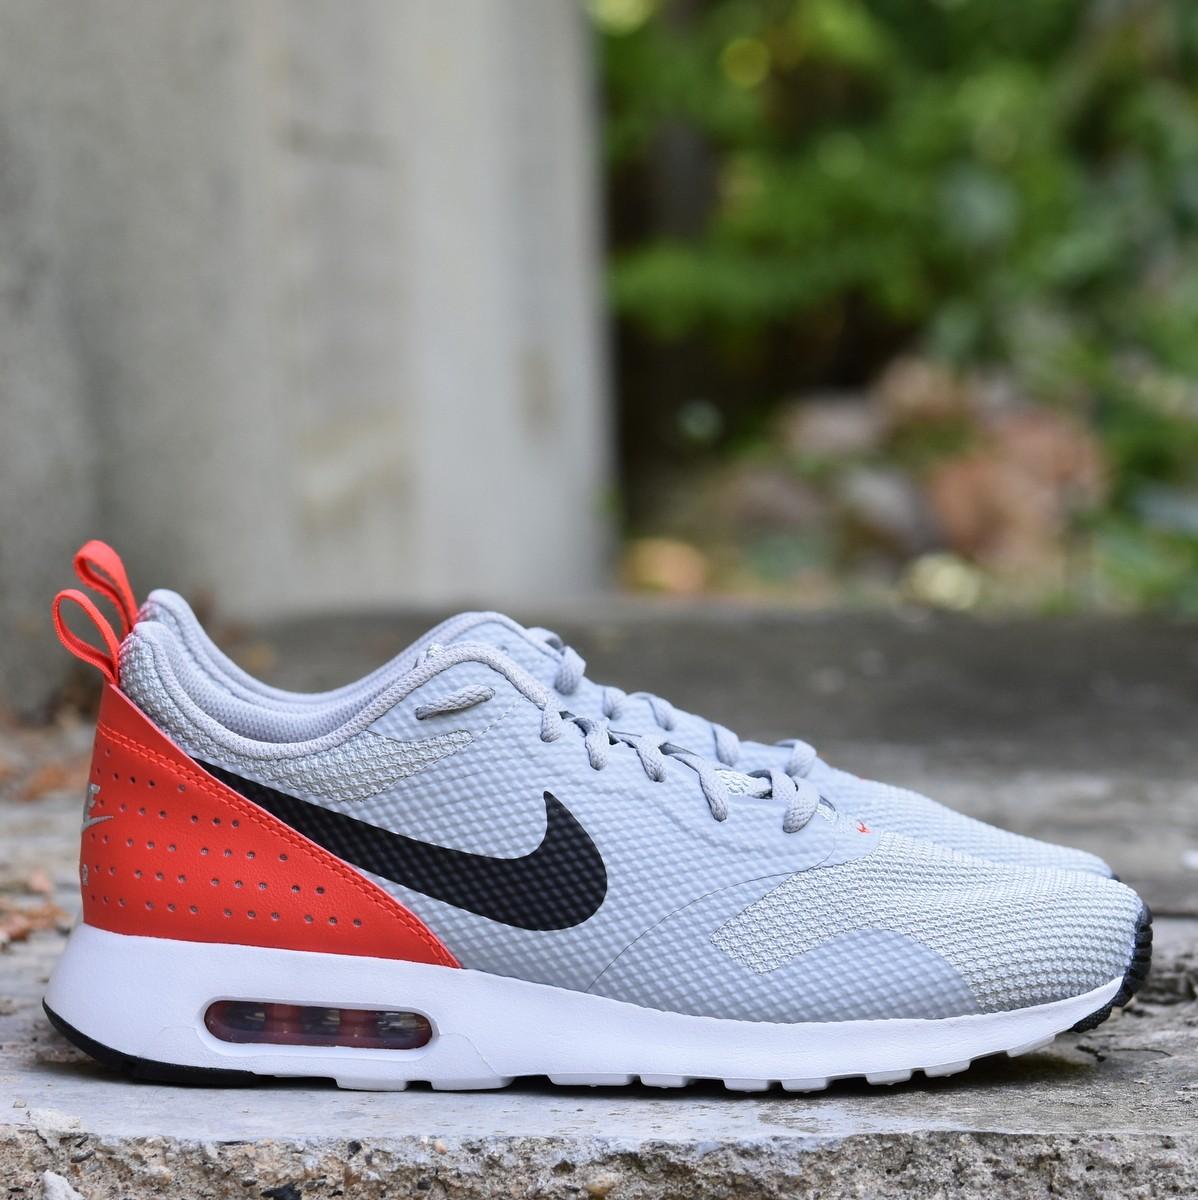 Nike AIR MAX TAVAS Pánské boty EU 42.5 705149-026 366e195d120